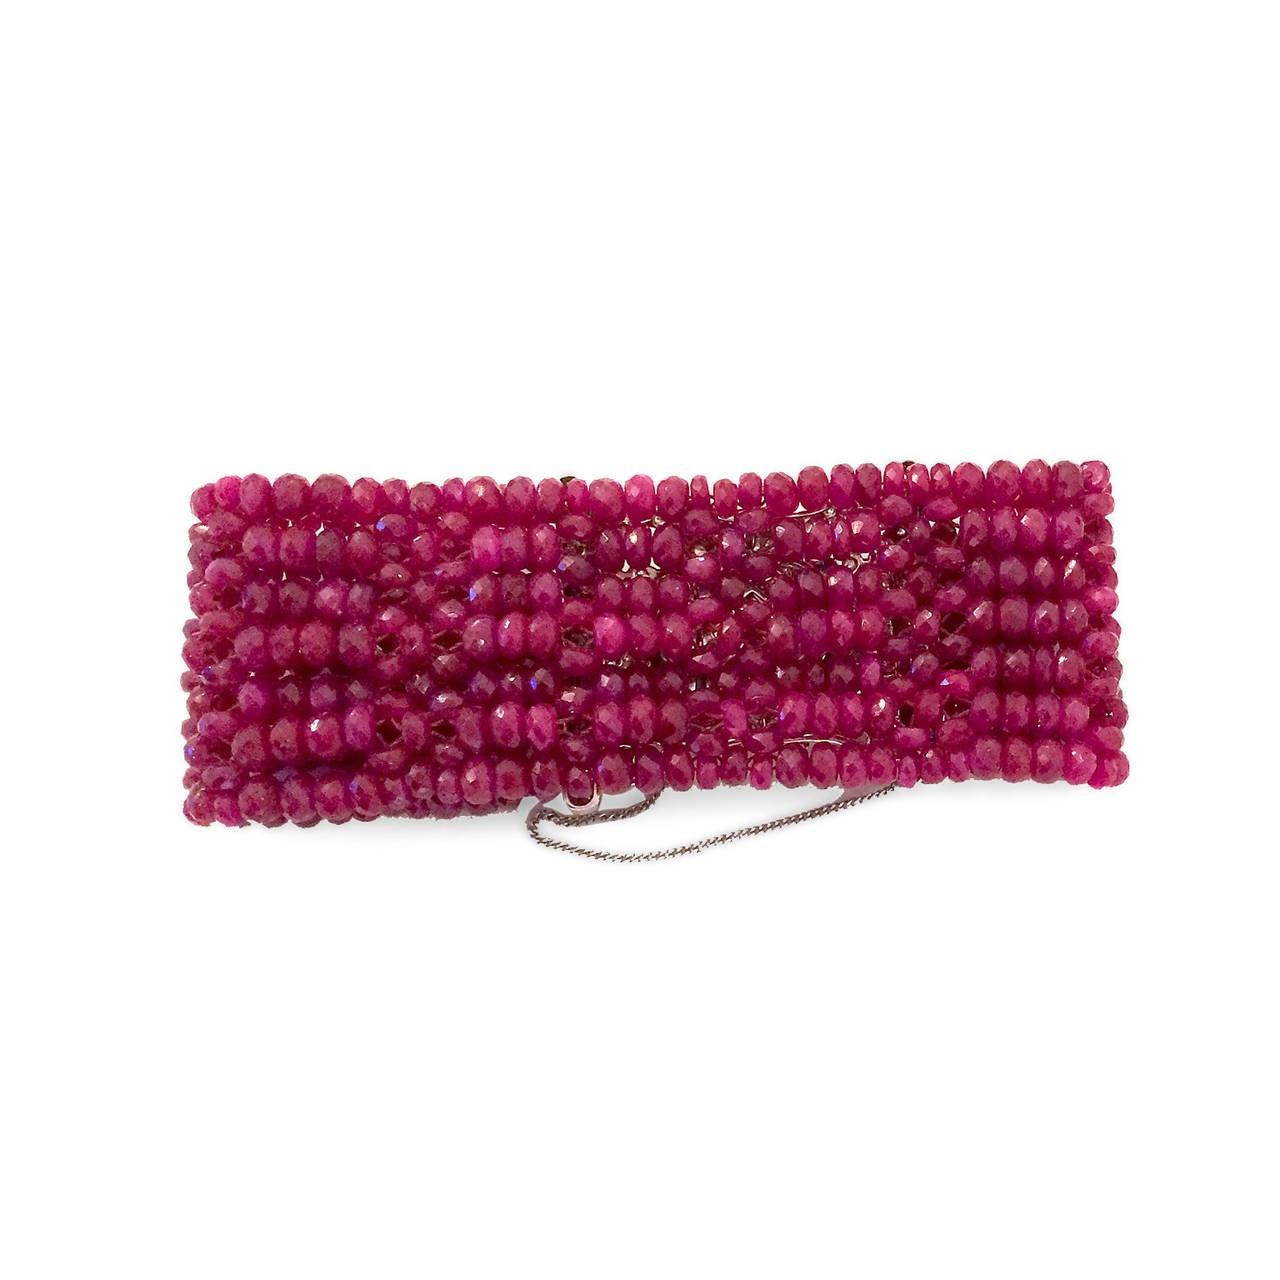 Devine Diamond and Ruby Bead Bracelet  5